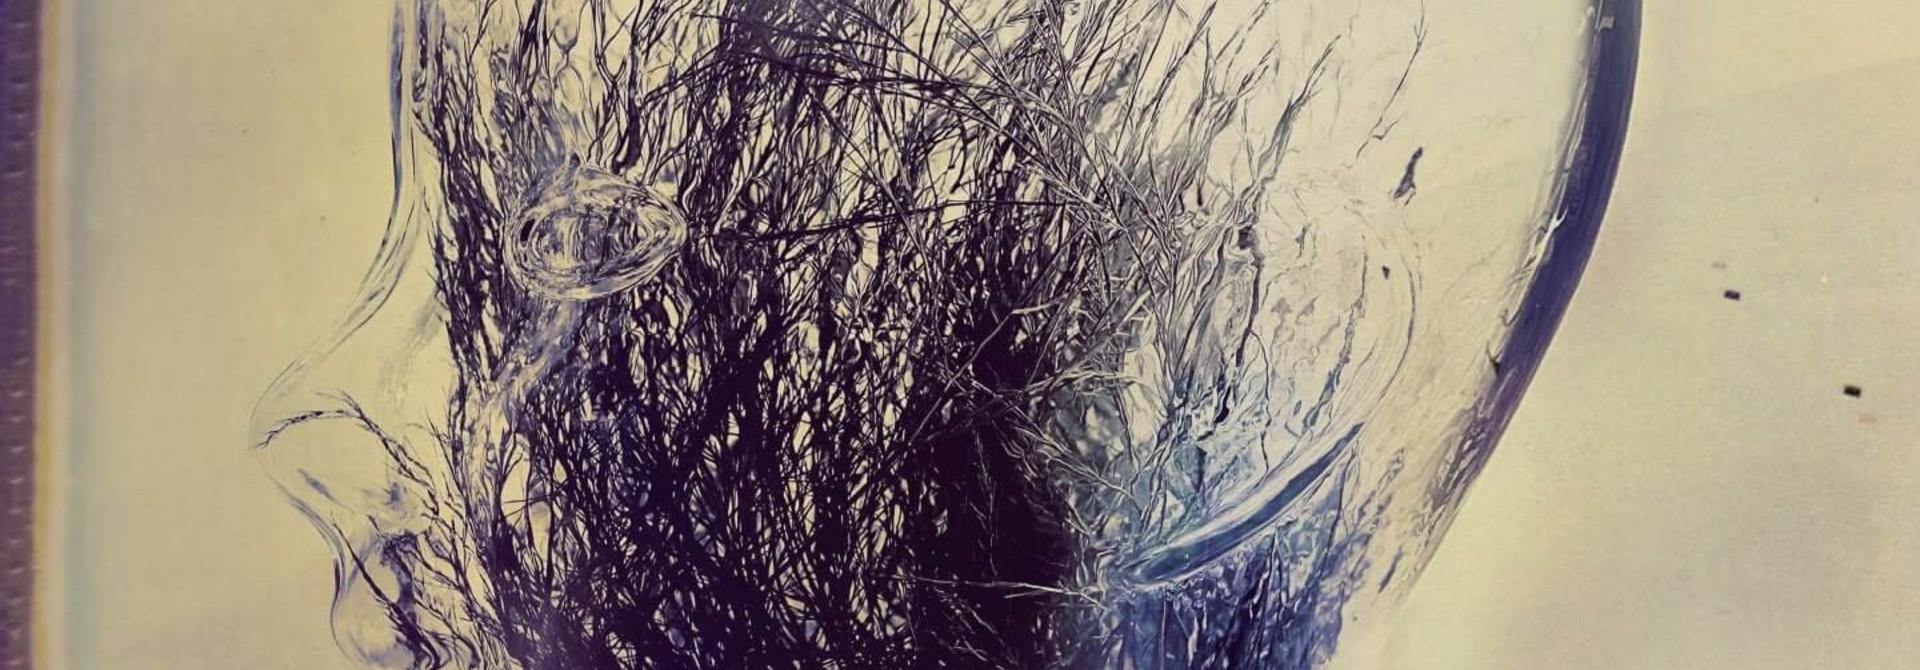 Patrick Watson • Wave